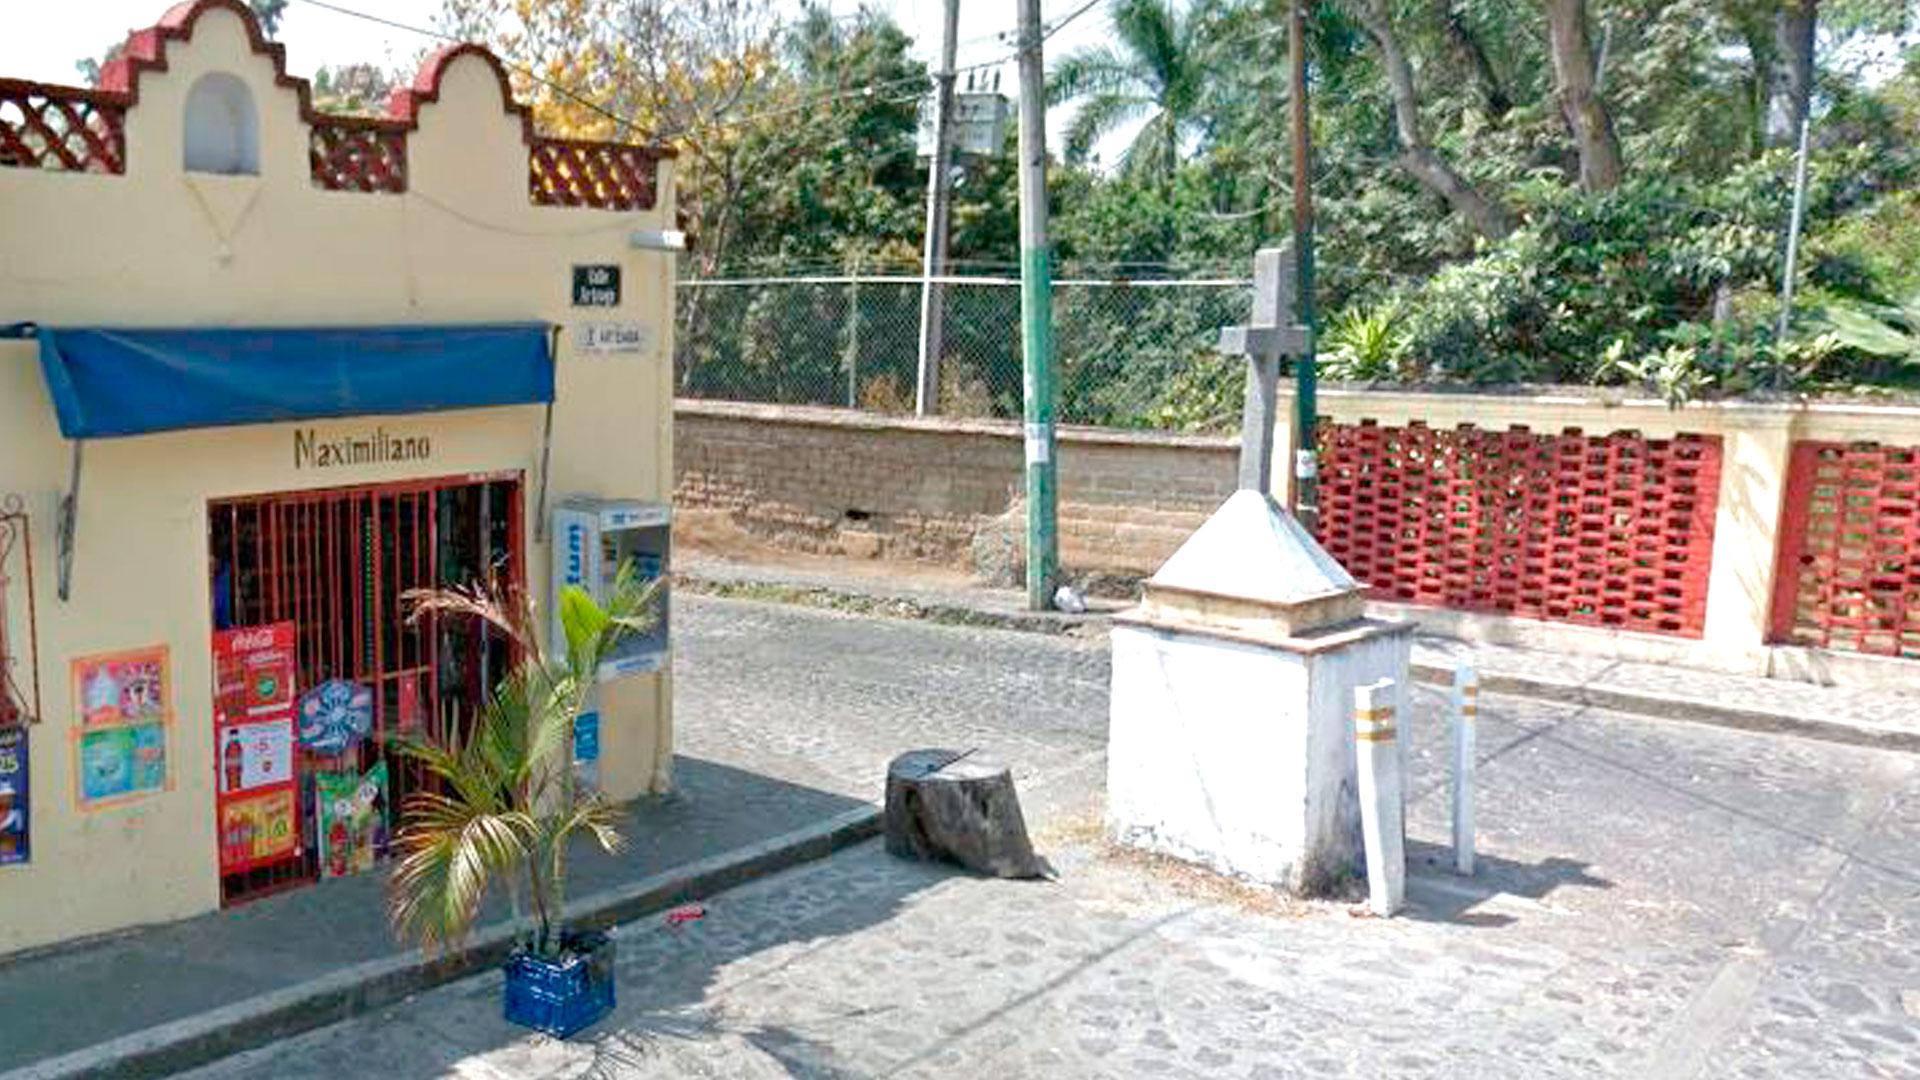 Frente al jardín donde Maximiliano conoció a su amante todavía existe una tienda nombrada en su honor (Foto: GoogleMaps)